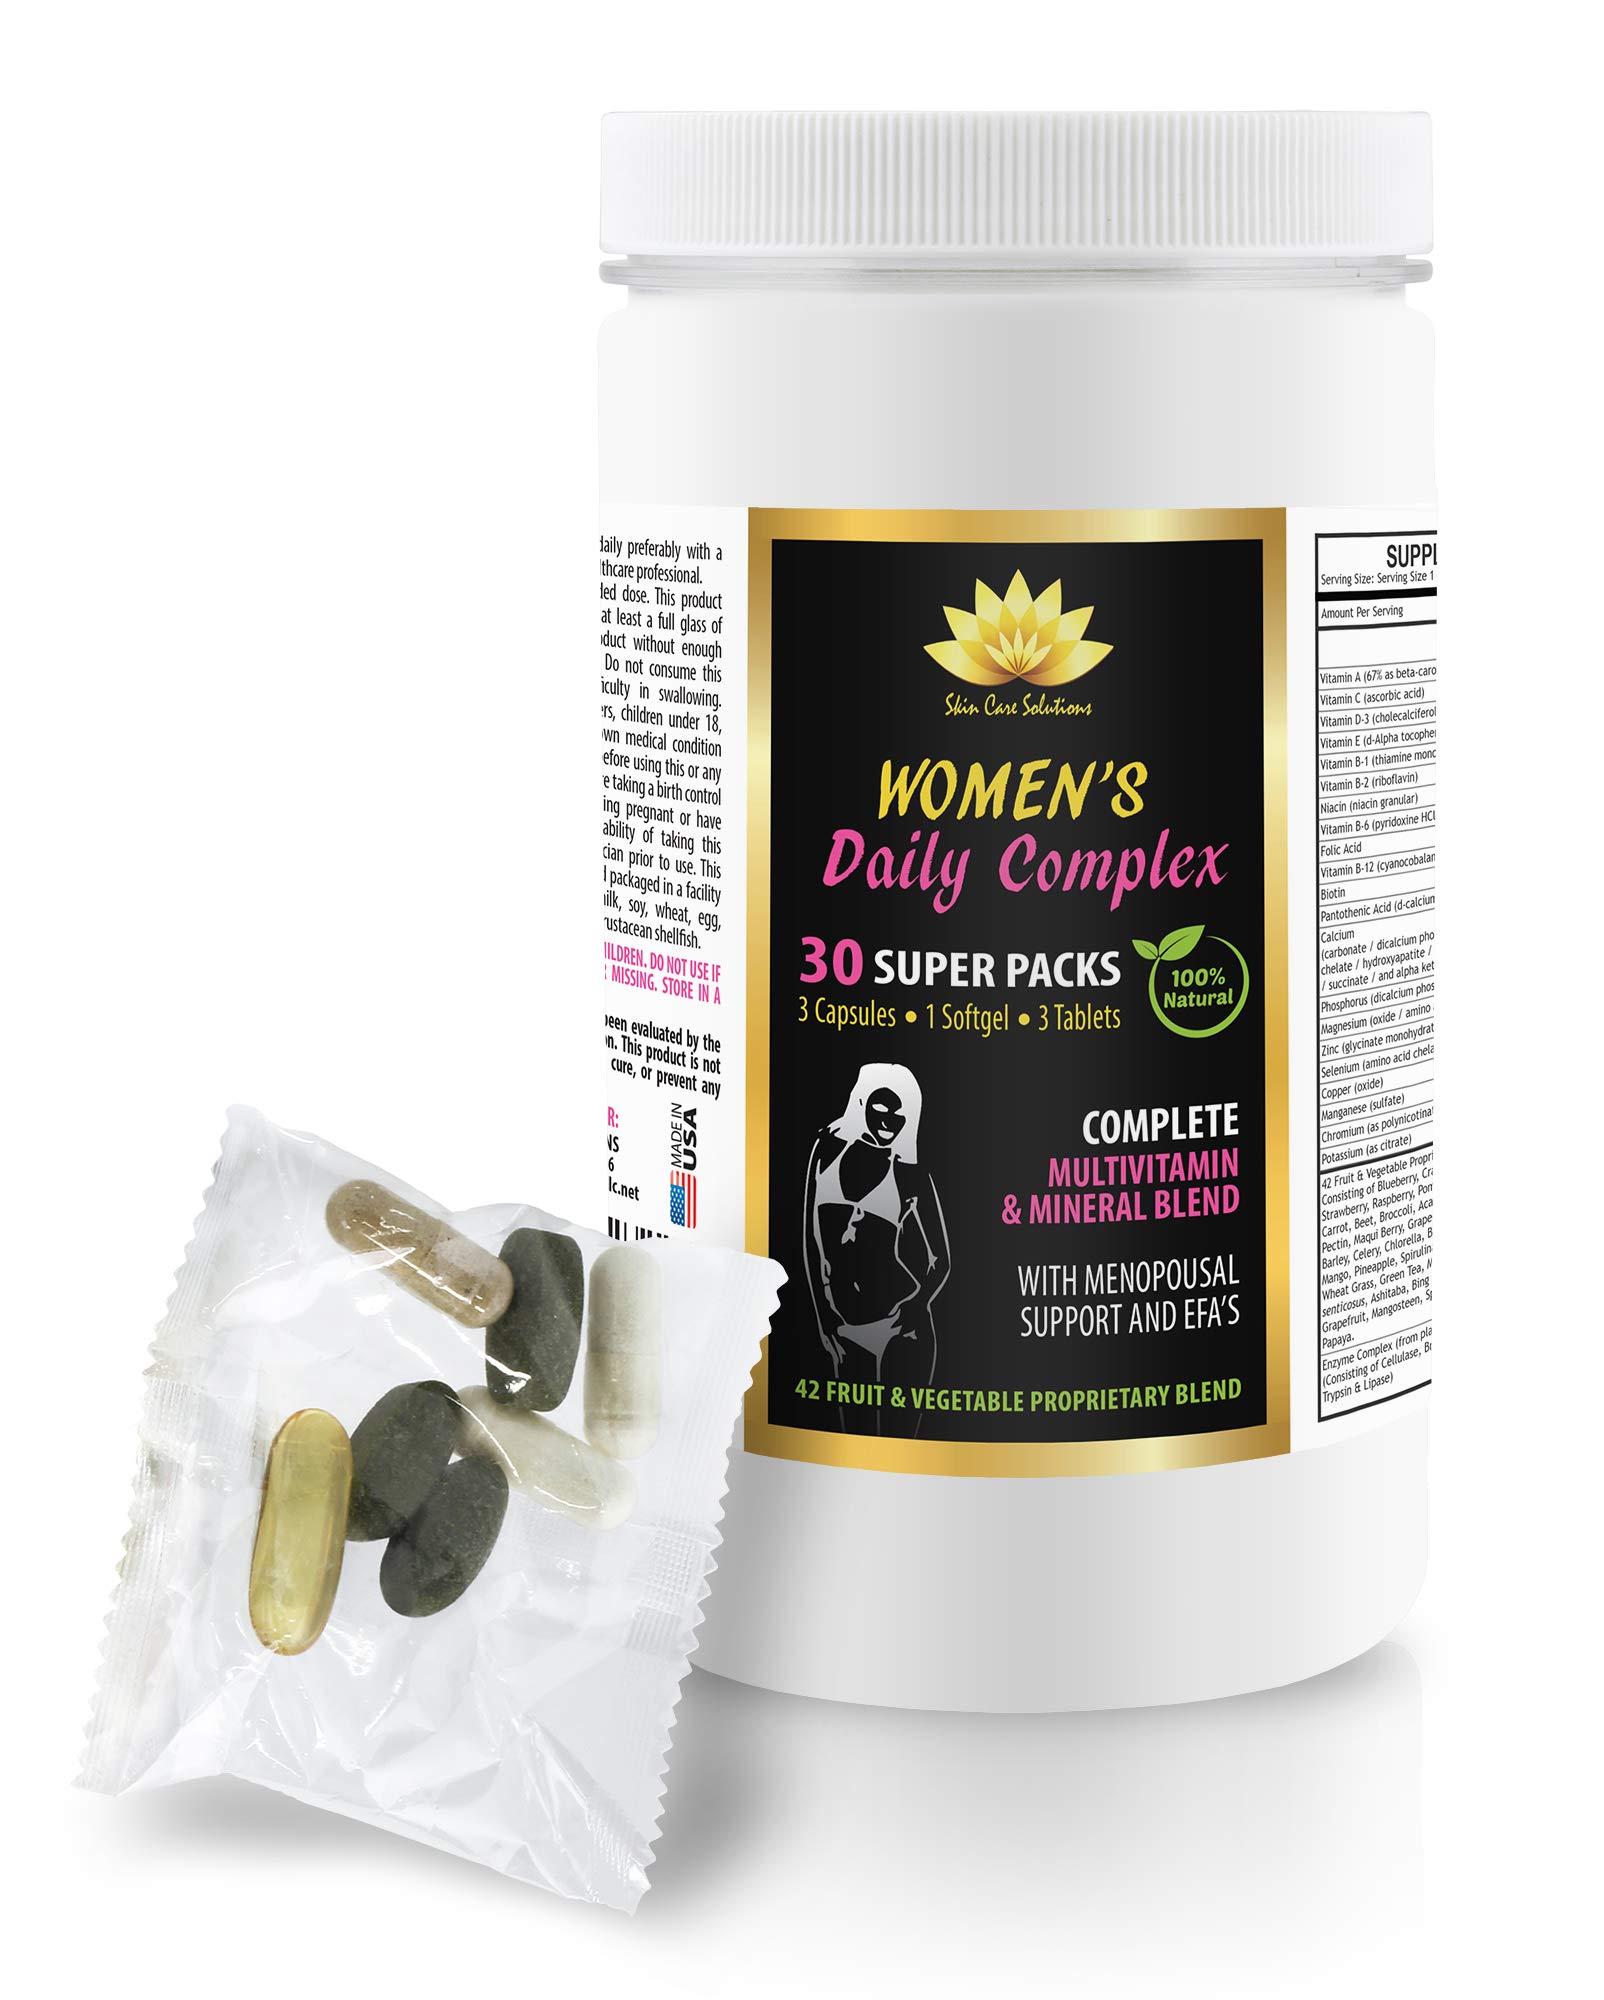 Female Enhancement Natural Booster - Women's Daily Complex - 100% Natural - Green Tea Weight Loss Supplements - 1 Can 30 Packs (210 Pills)